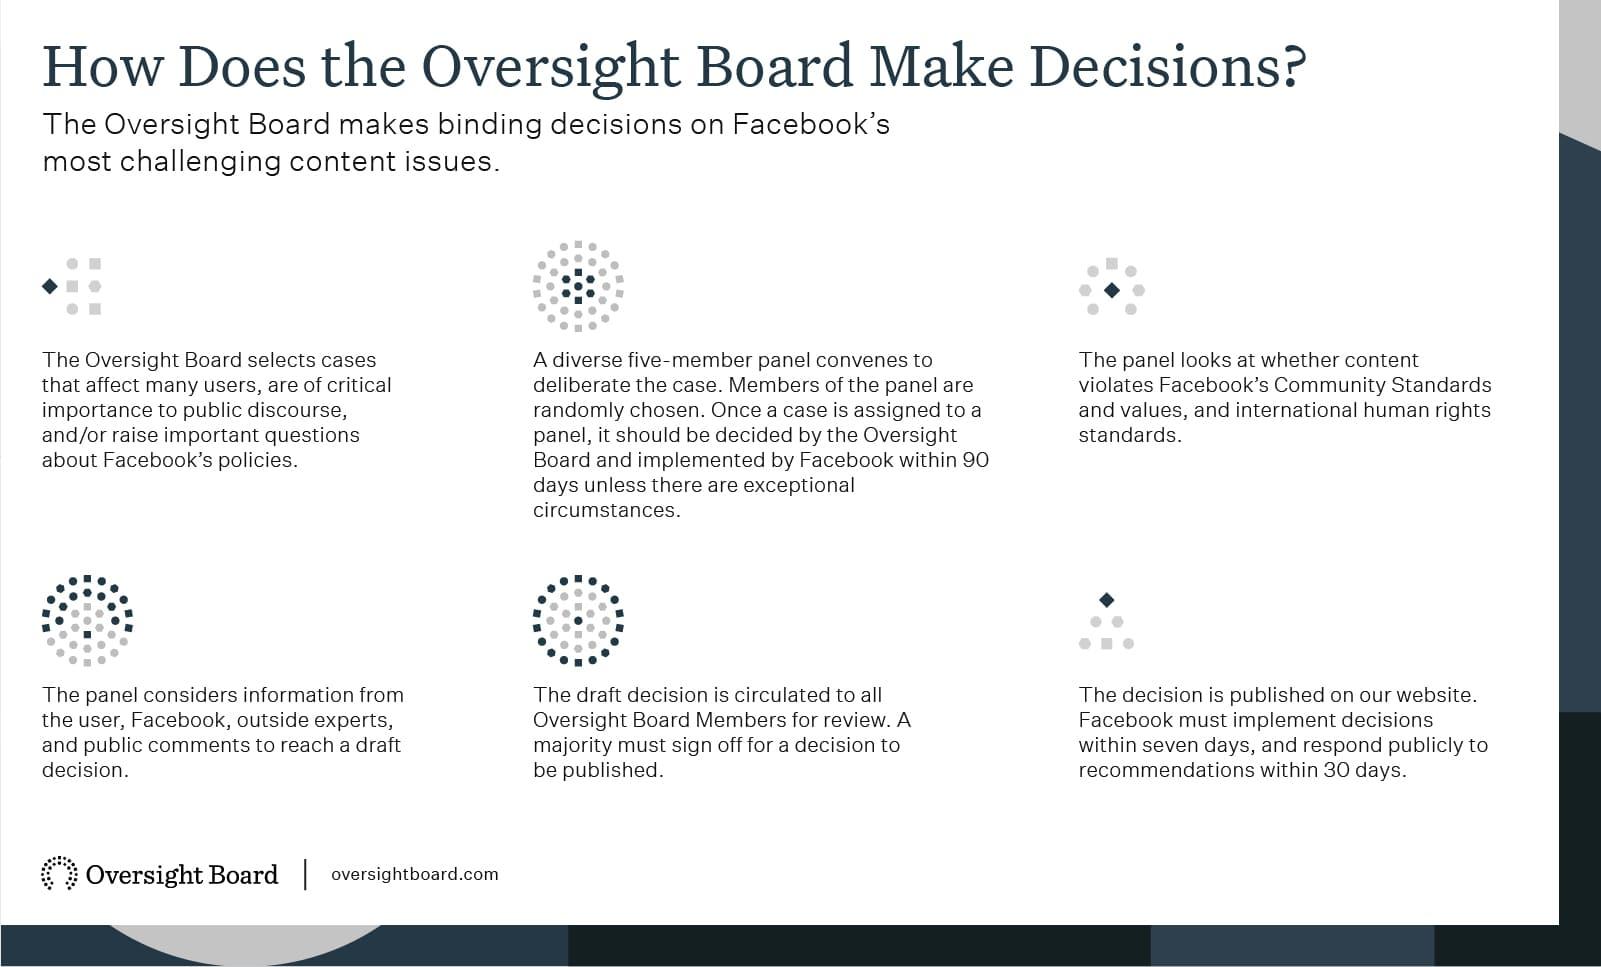 tableau sur le processus décision Oversight Board